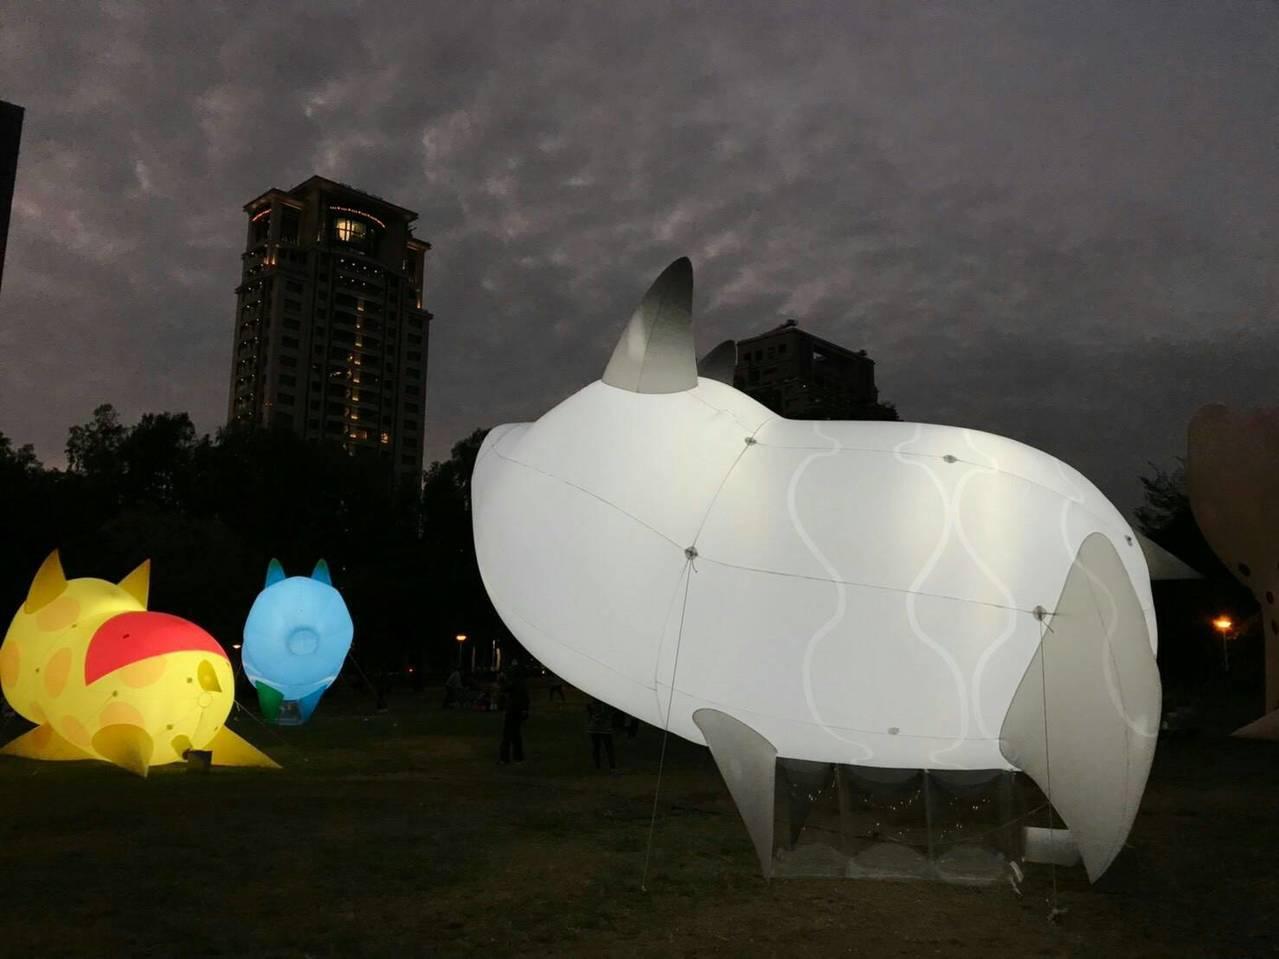 台中燈會今年在文心森林公園,生肖豬造型花燈為主題。圖/觀光旅遊局提供